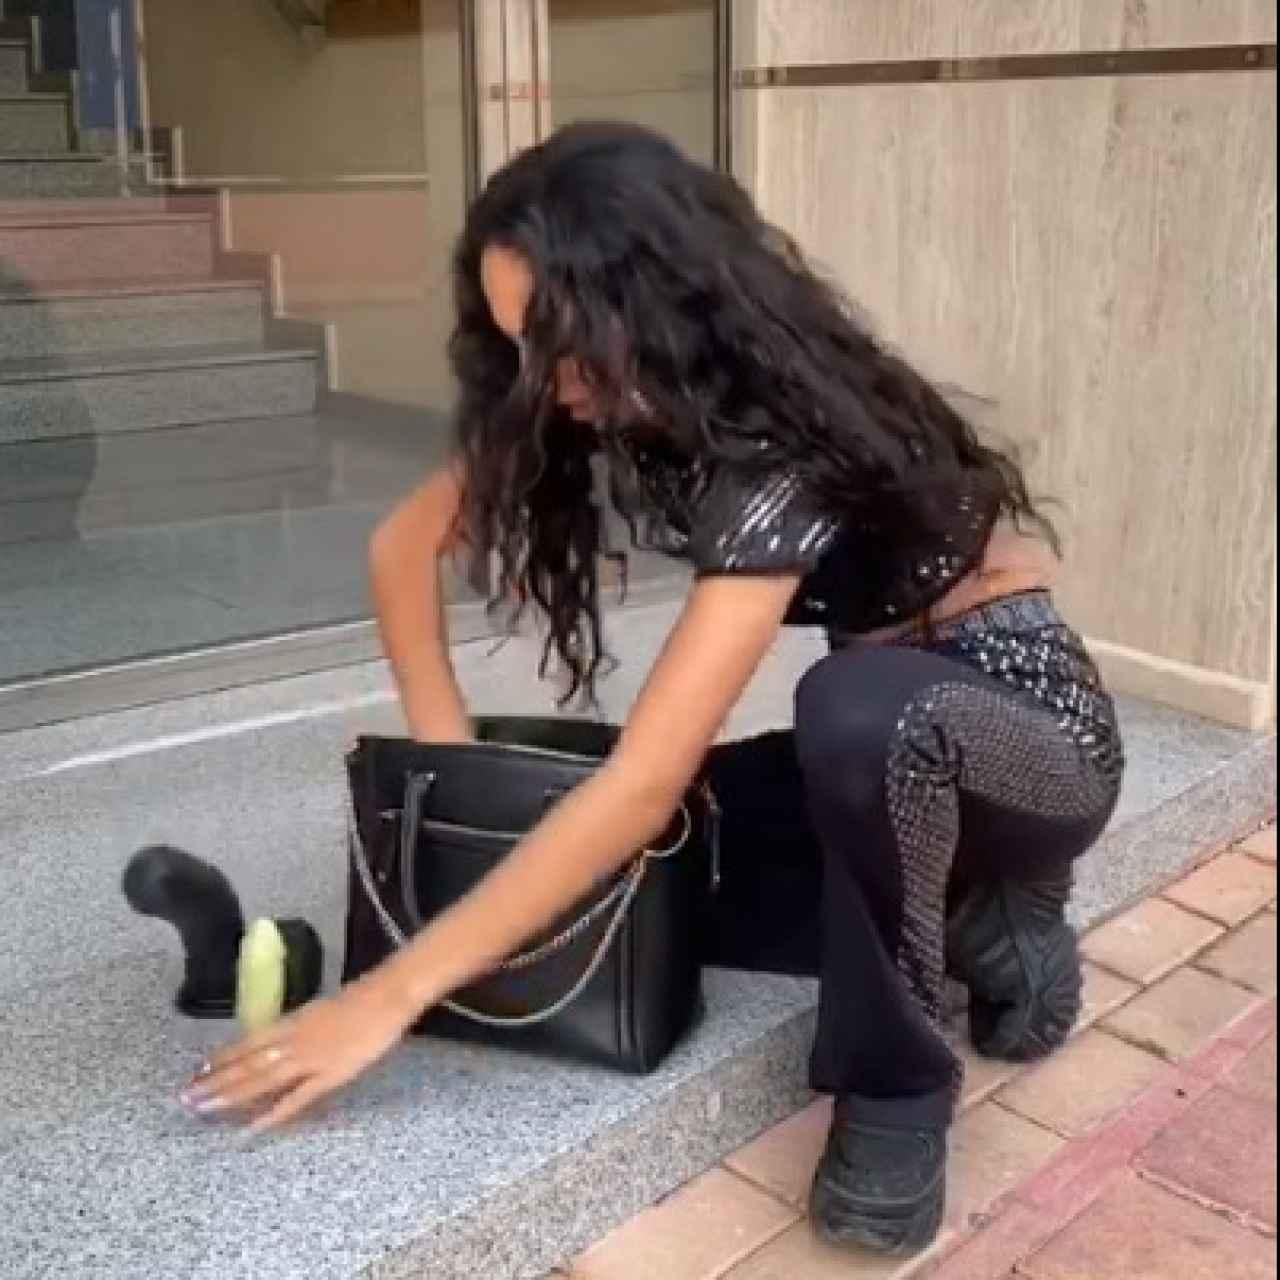 'La hija del jeque' sacando consoladores en uno de sus vídeos sobre el 'bicho'.